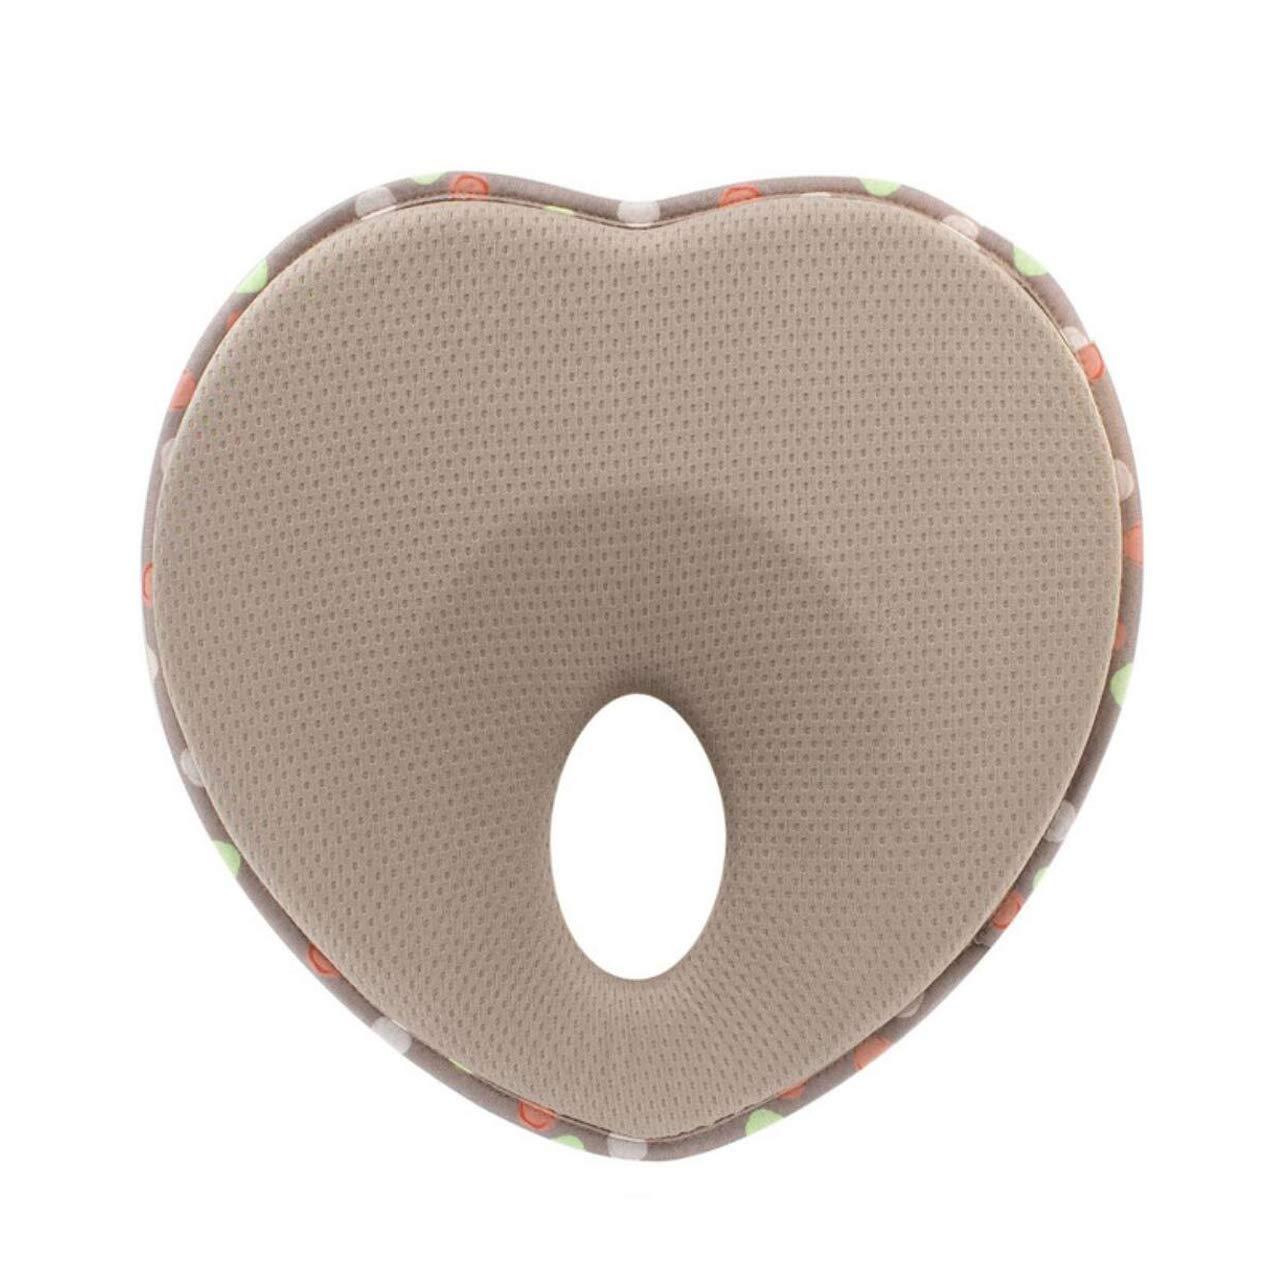 DEBAIJIA Babykissen gegen Verformung und Plattkopf mit Ergonomisches Kopfkissen zur Orthop/ädisches Kissen passt im Kindersitz Memory-Schaum f/ür S/äuglinge Neugeborene und Kleinkinder herzf/örmig